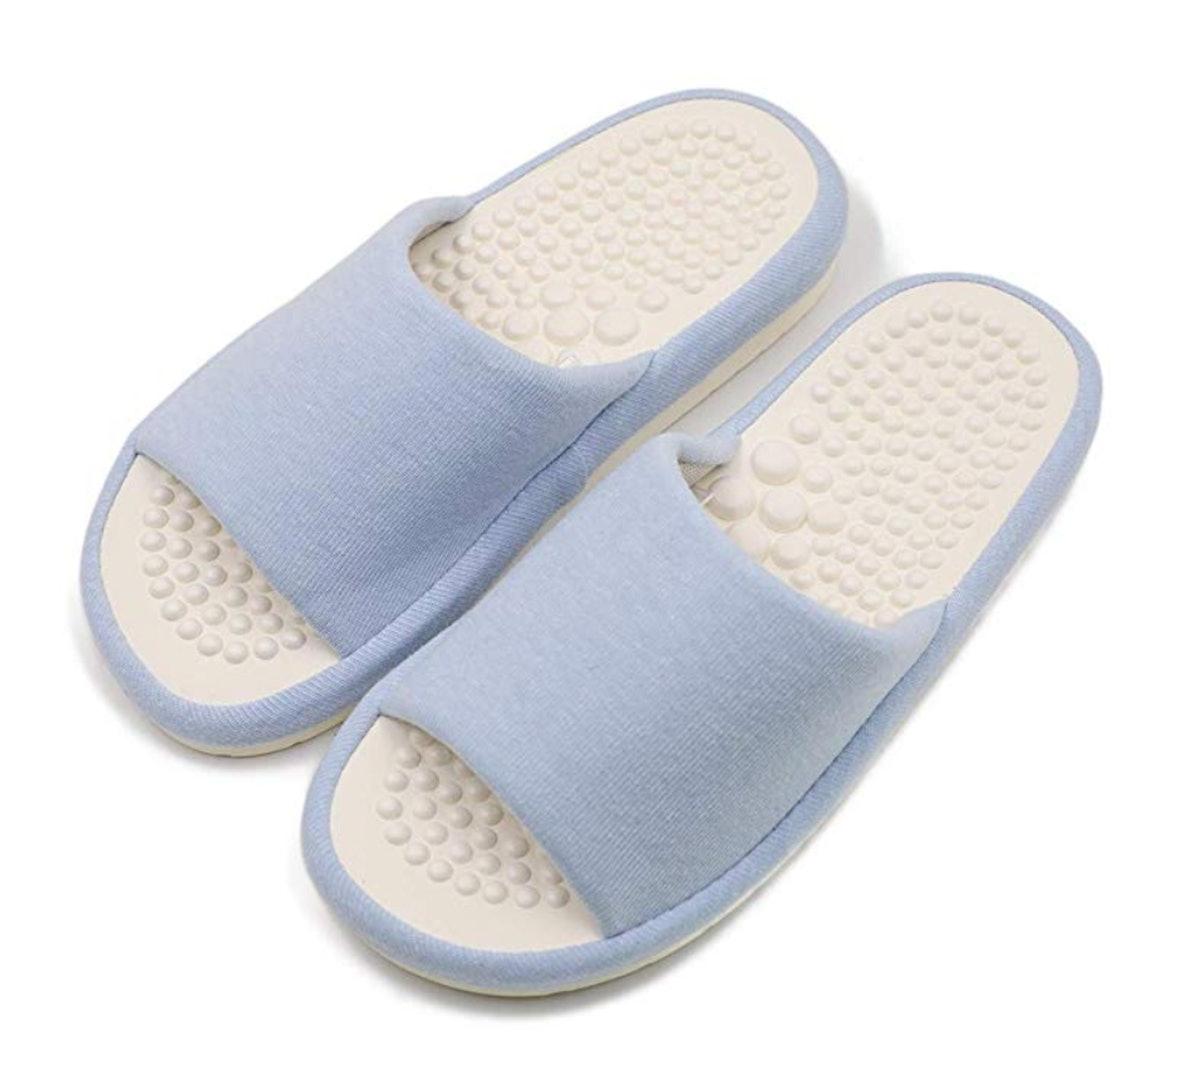 CHUANGLI Women's Reflexology Massage Sandals